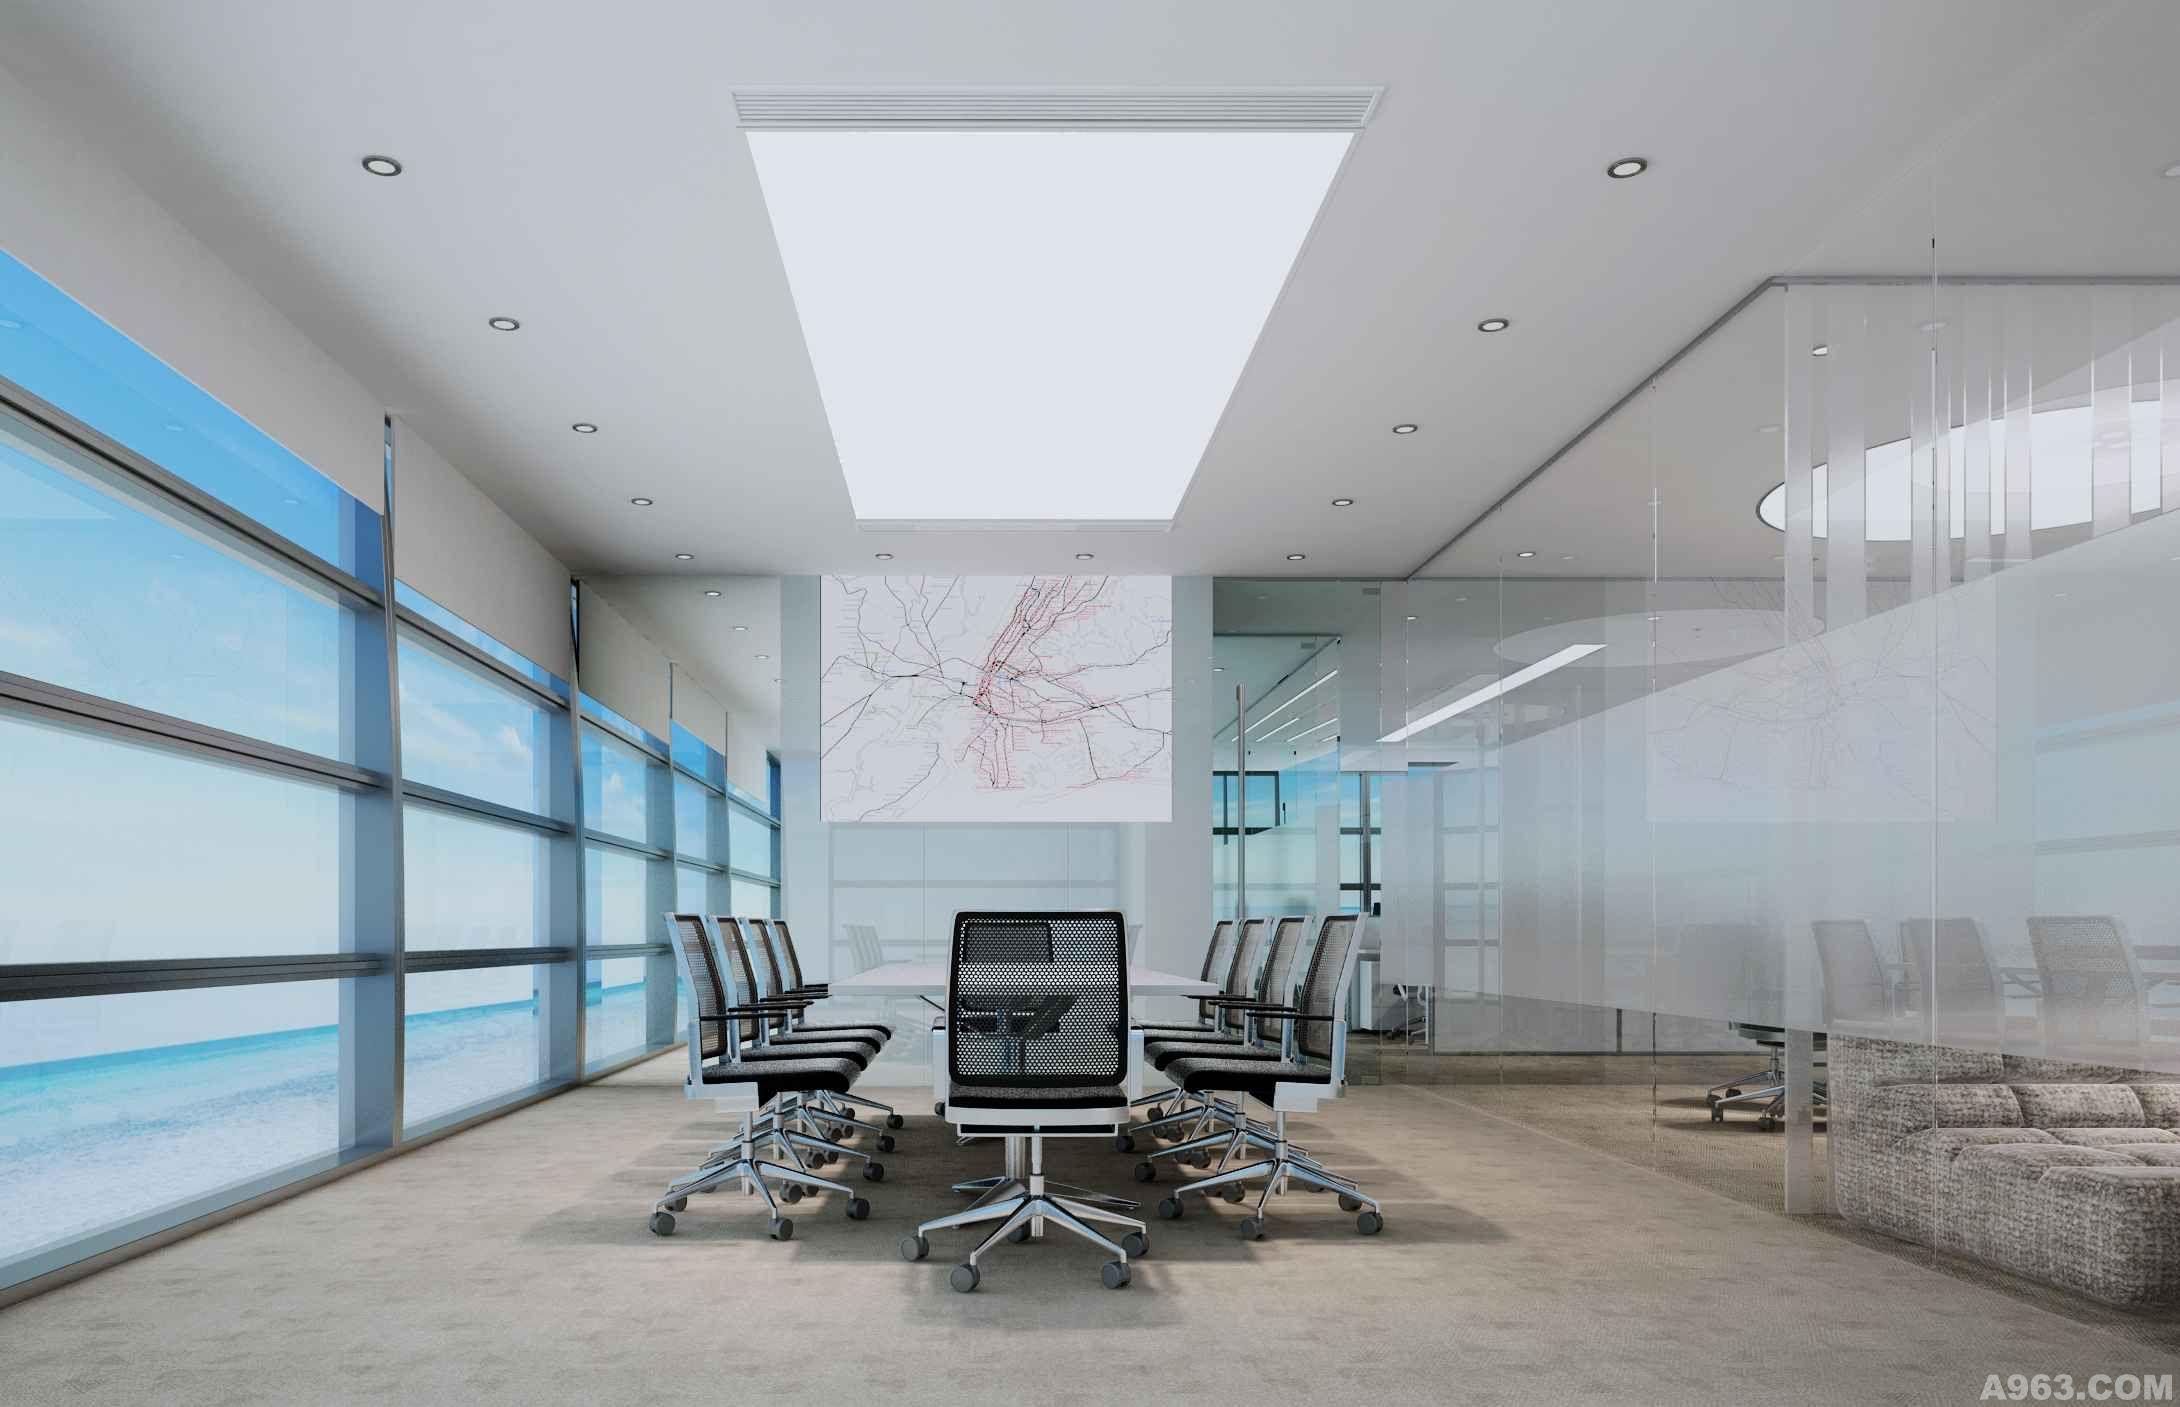 中型会议室:直白的空间无须多言,简单的灯膜照应着会议桌,完全虚化处理的玻璃隔墙与外墙形成透明无视的呼应。在这里只有一桌人一件事,一种解决之道。